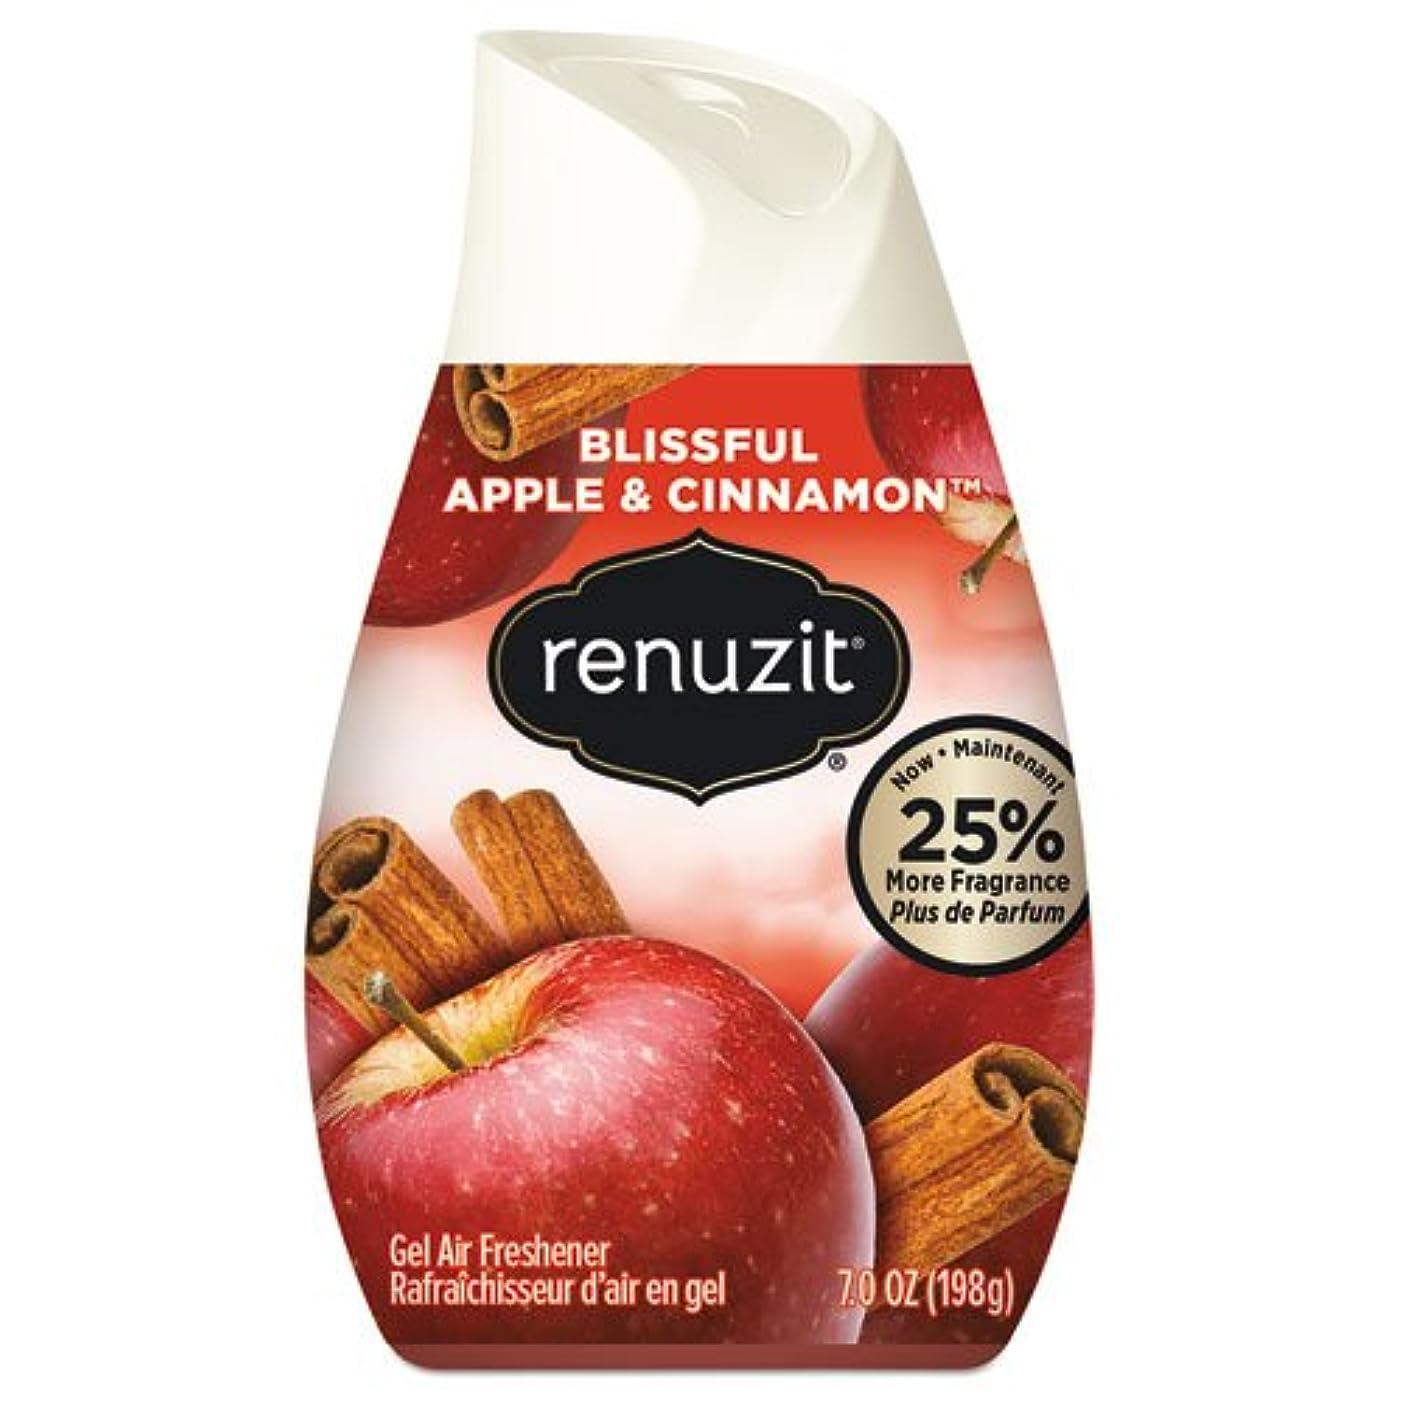 フィードオントラップ国籍リナジット[Renuzit] エアーフレッシュナーアップル&シナモン198g 芳香剤